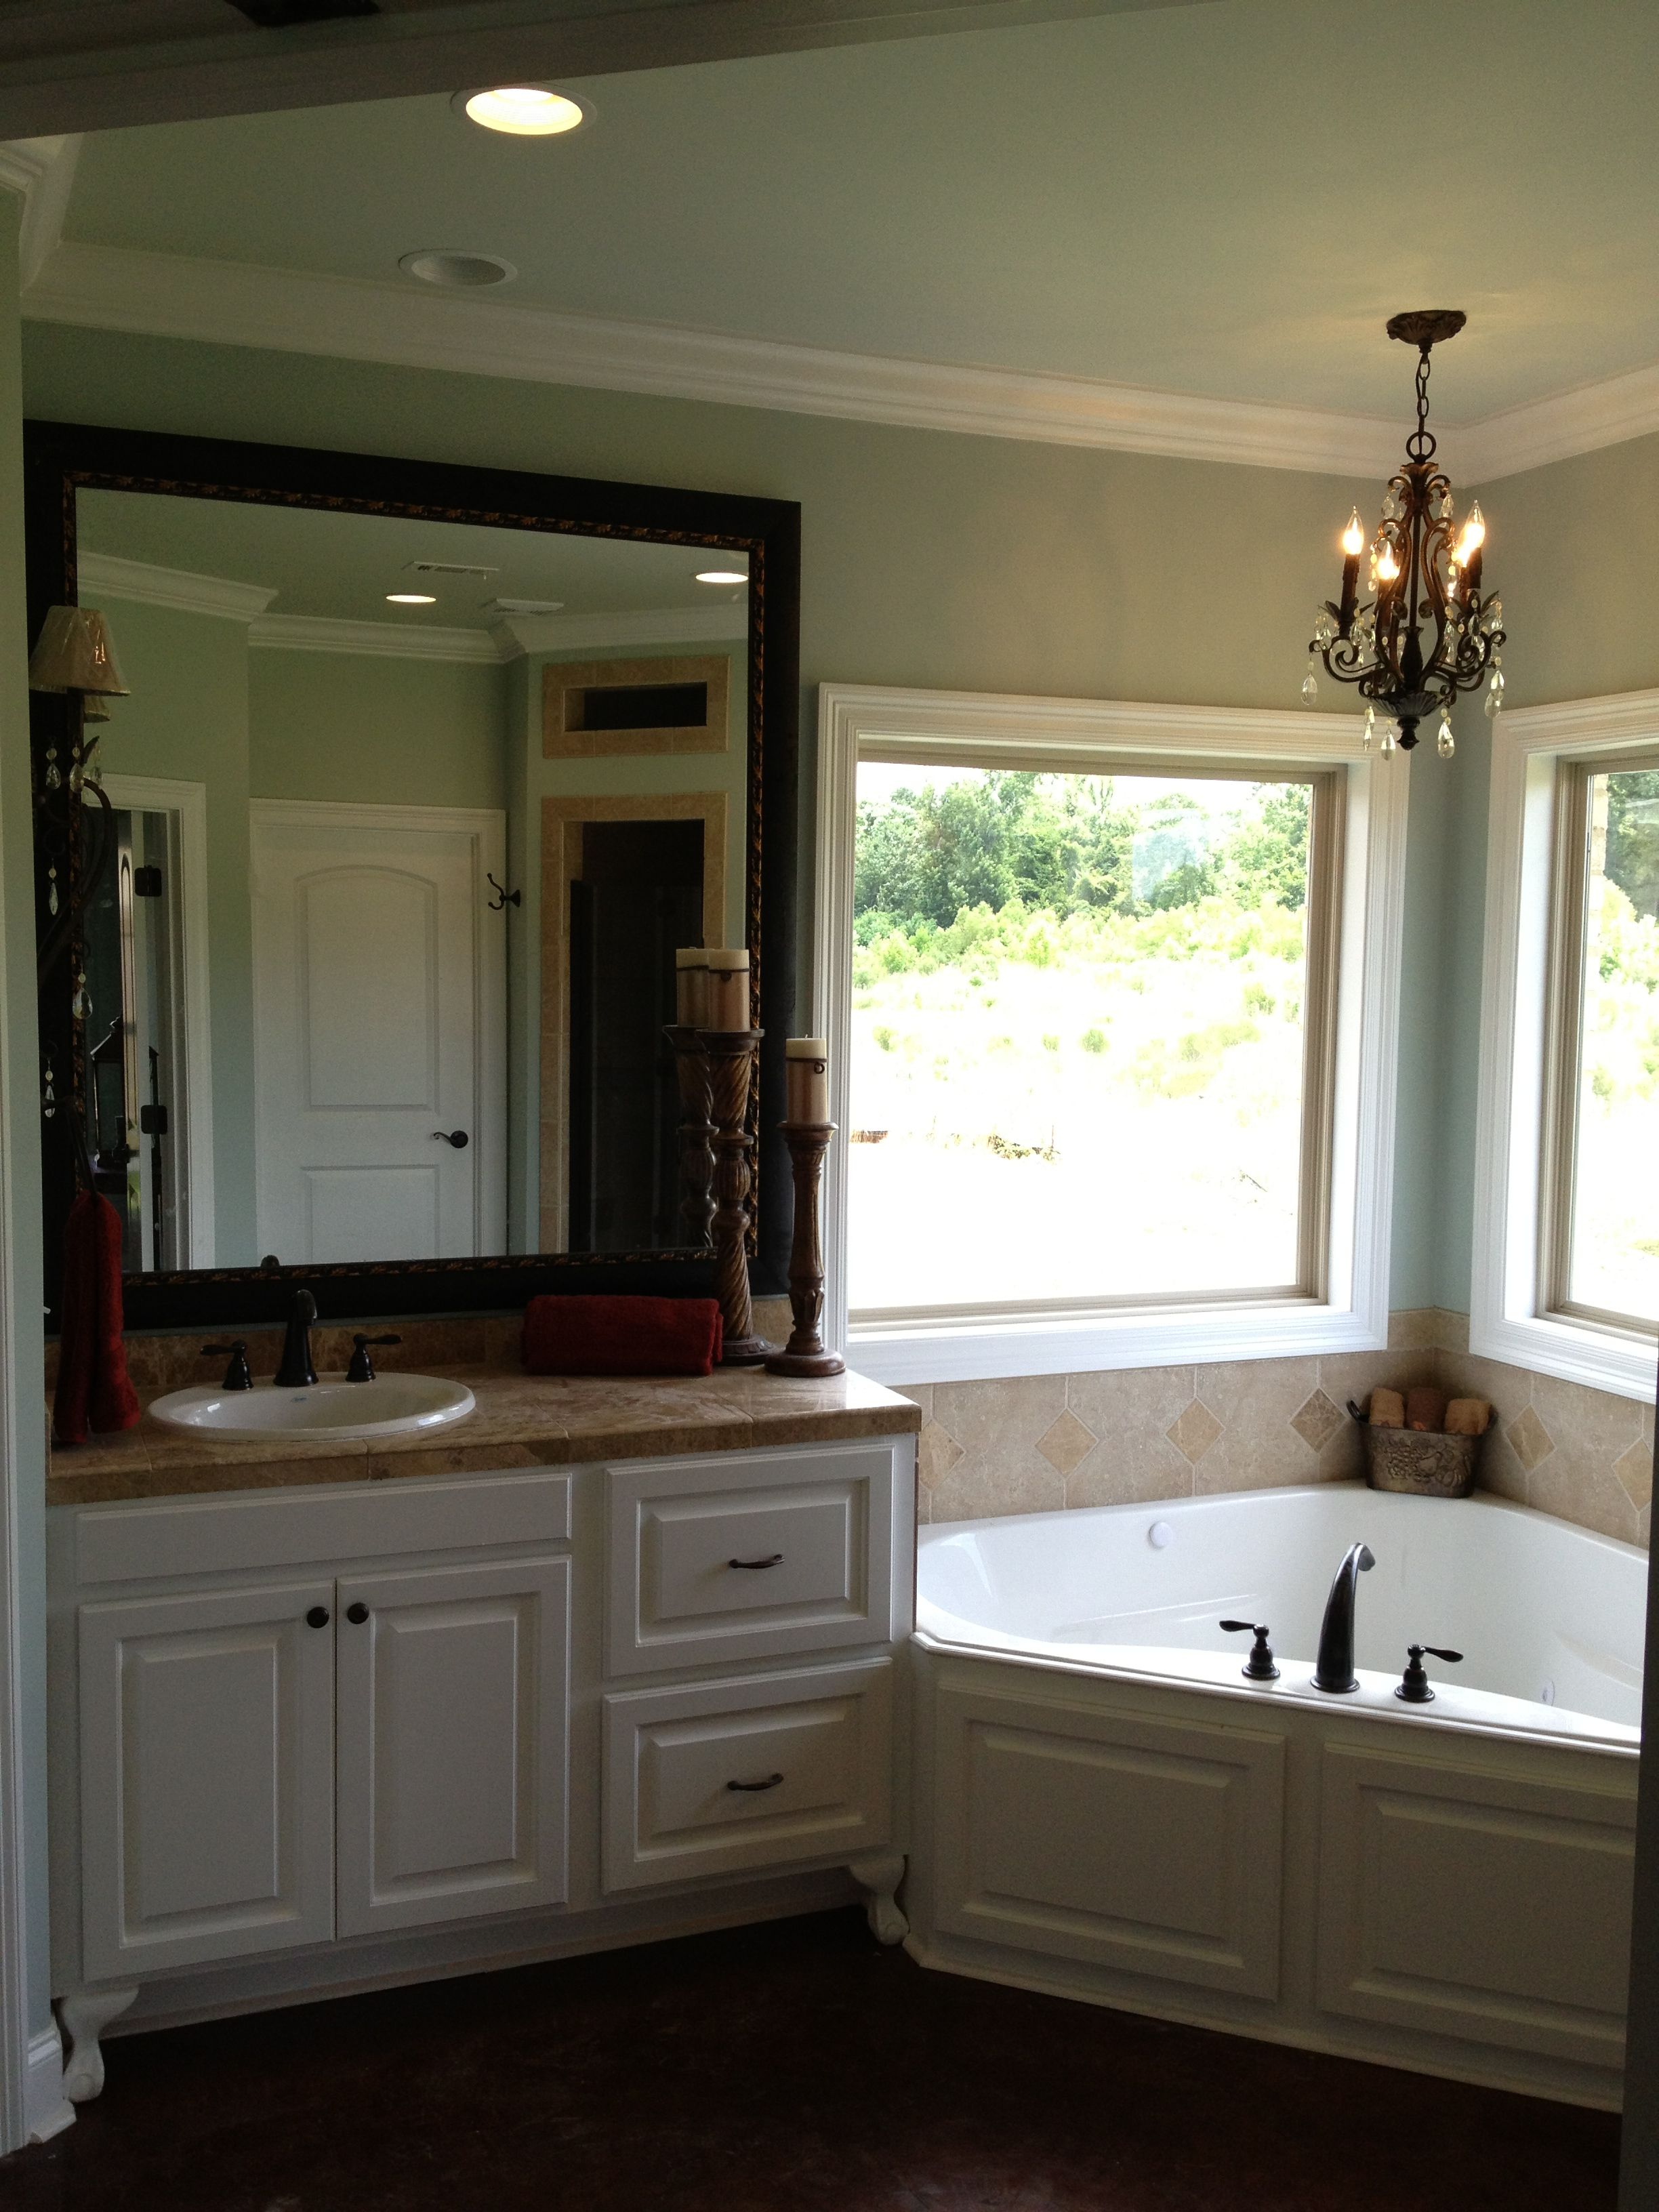 2 Separate Vanities Large Windows Unique Garden Tub Bathroom Design Bathroom Vanity Bathroom Renos